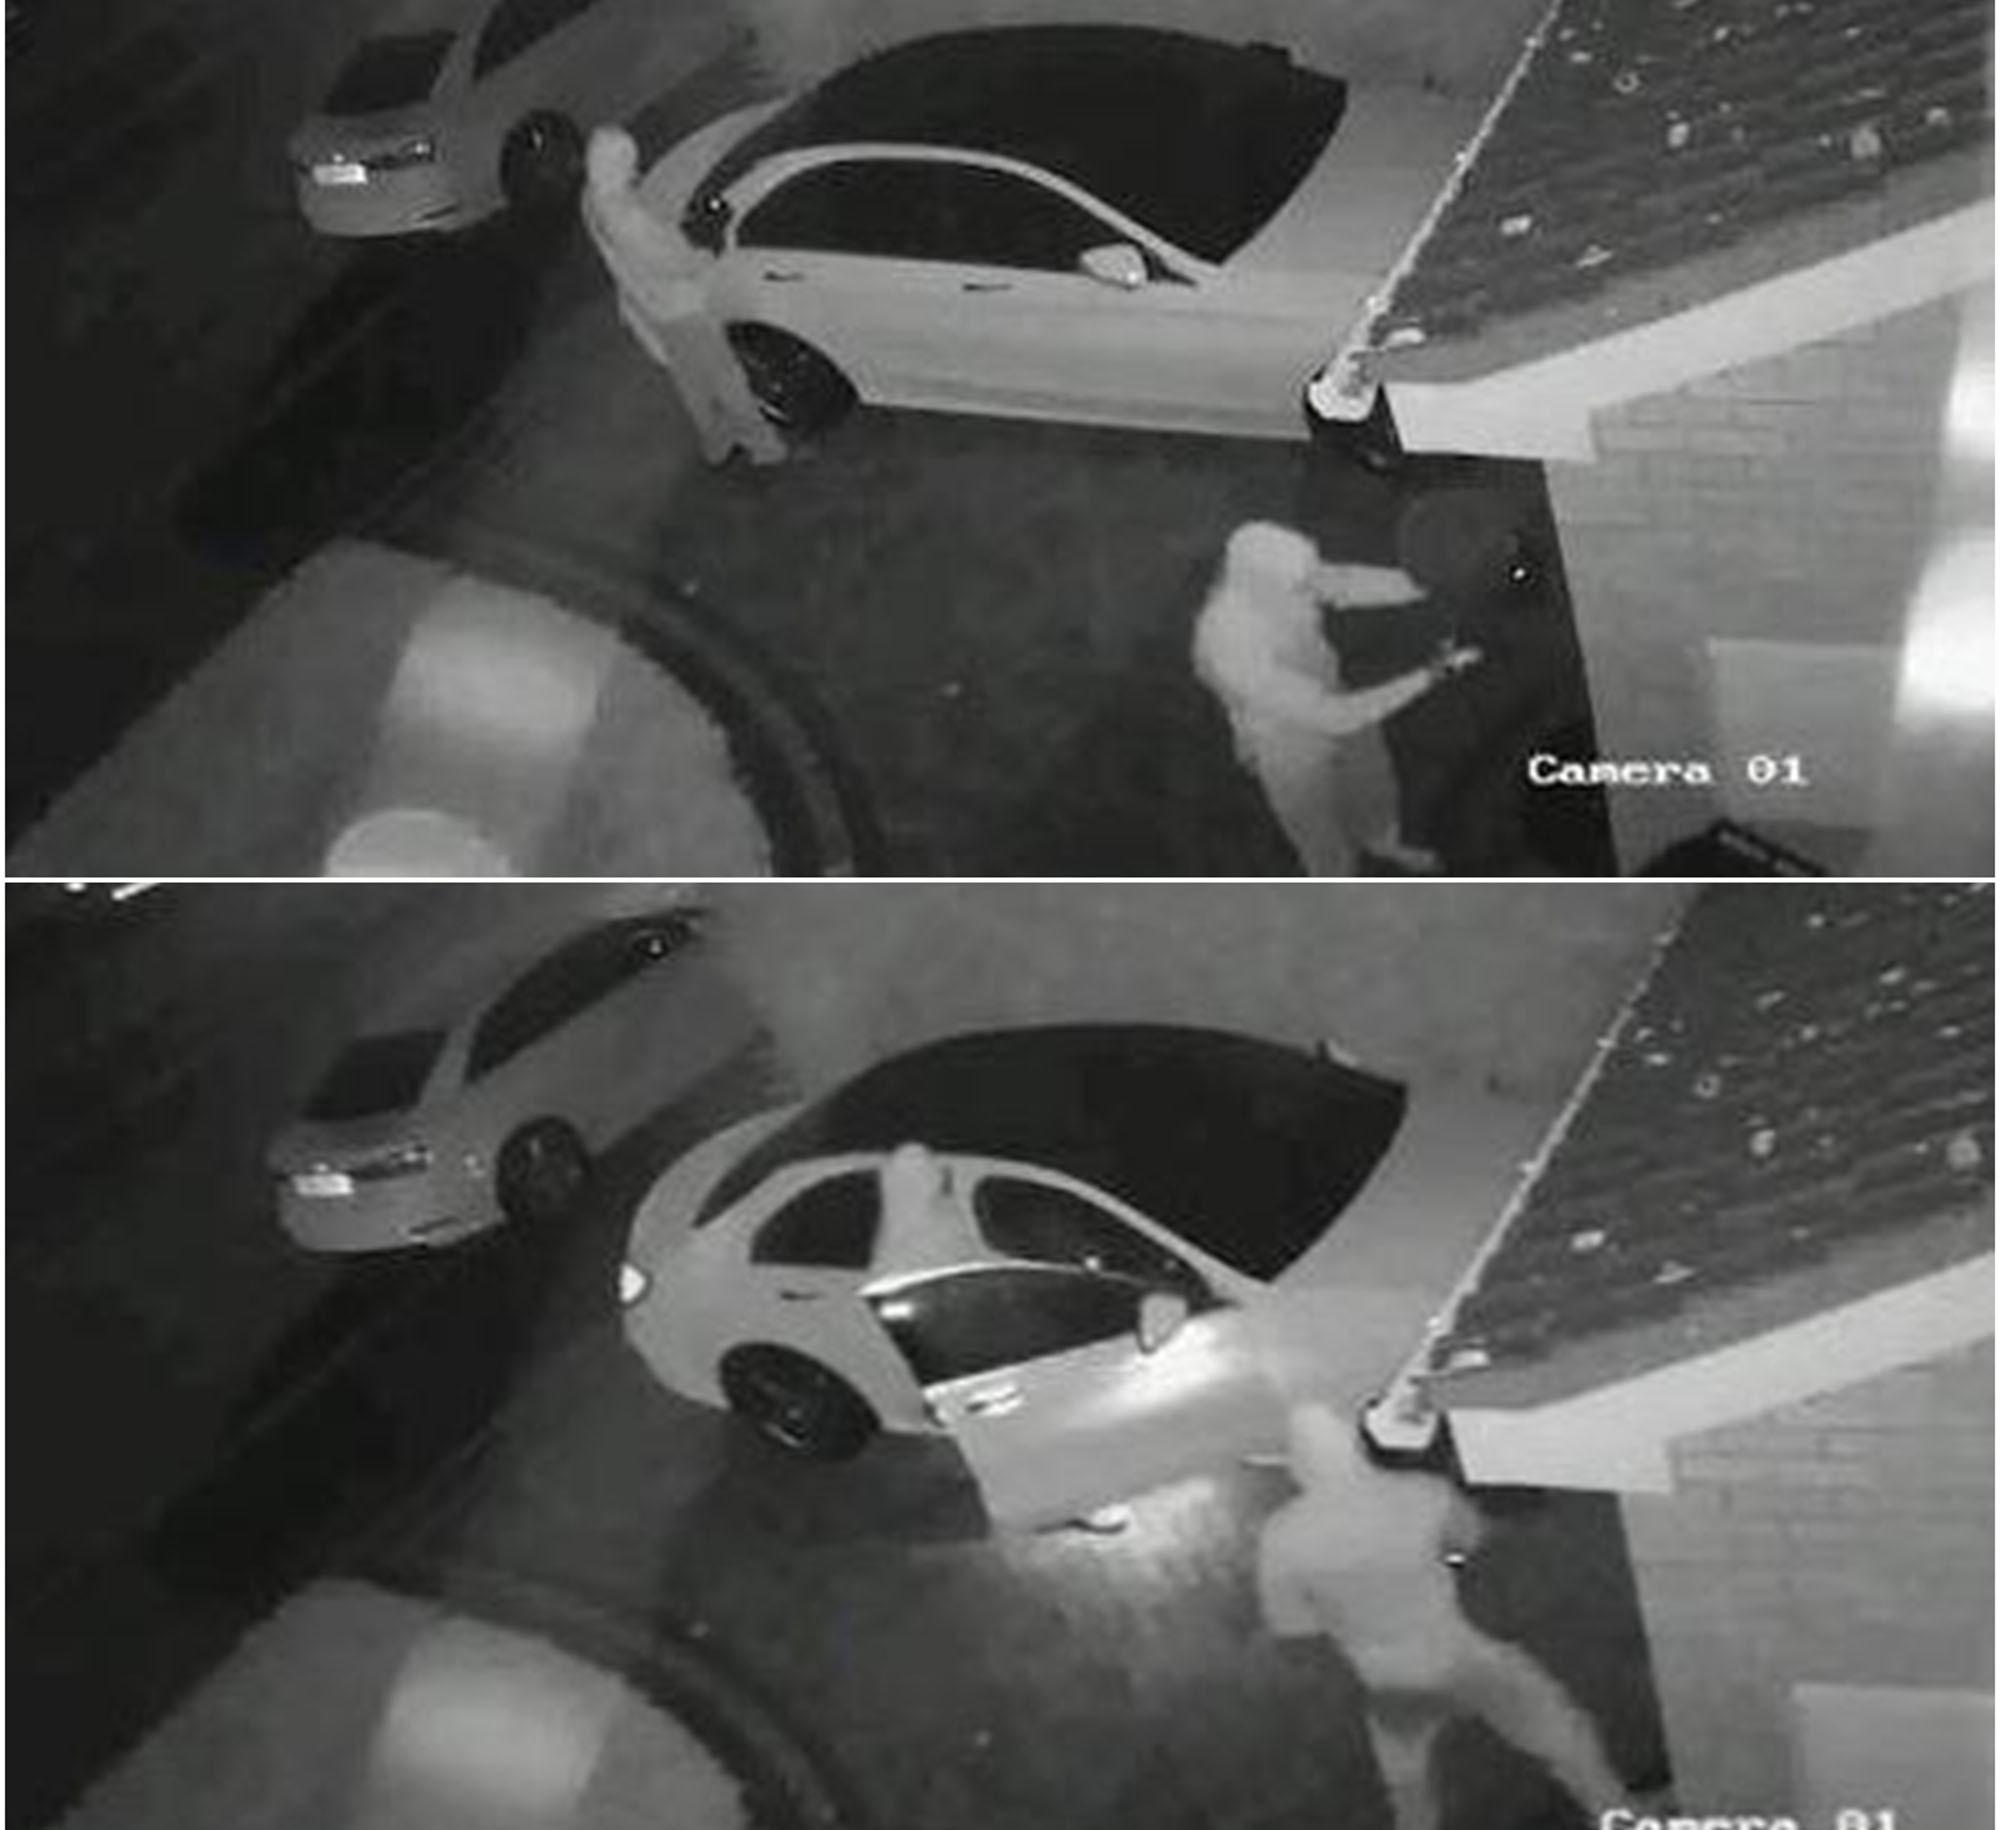 Siêu cao thủ trộm xe không cần chìa khóa